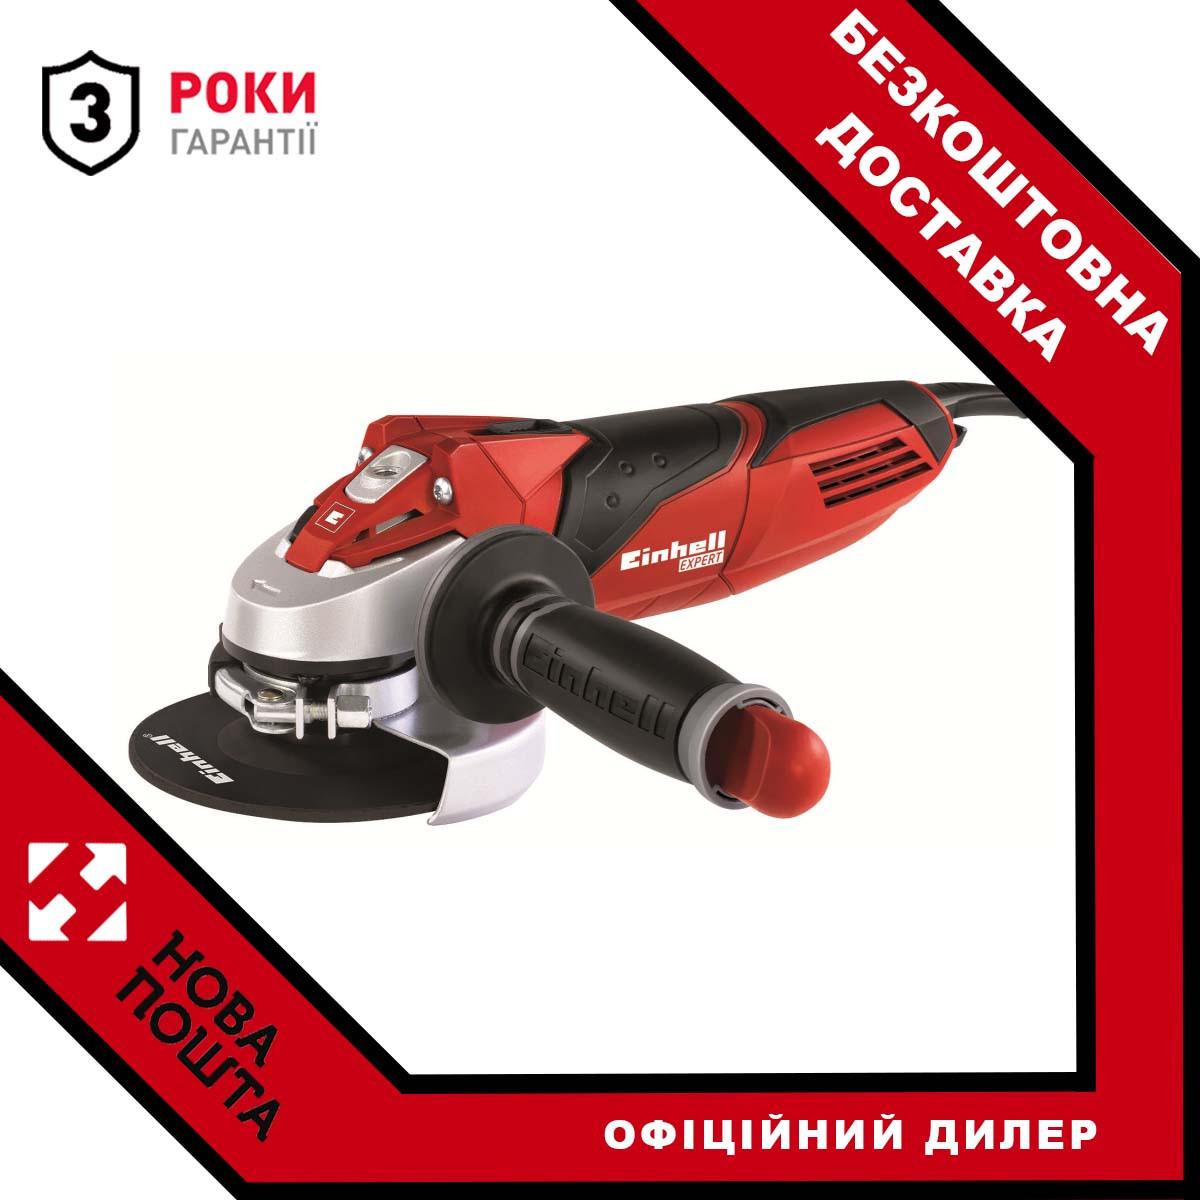 Угловая шлифмашина Einhell TE-AG 125/750 New (4430880)